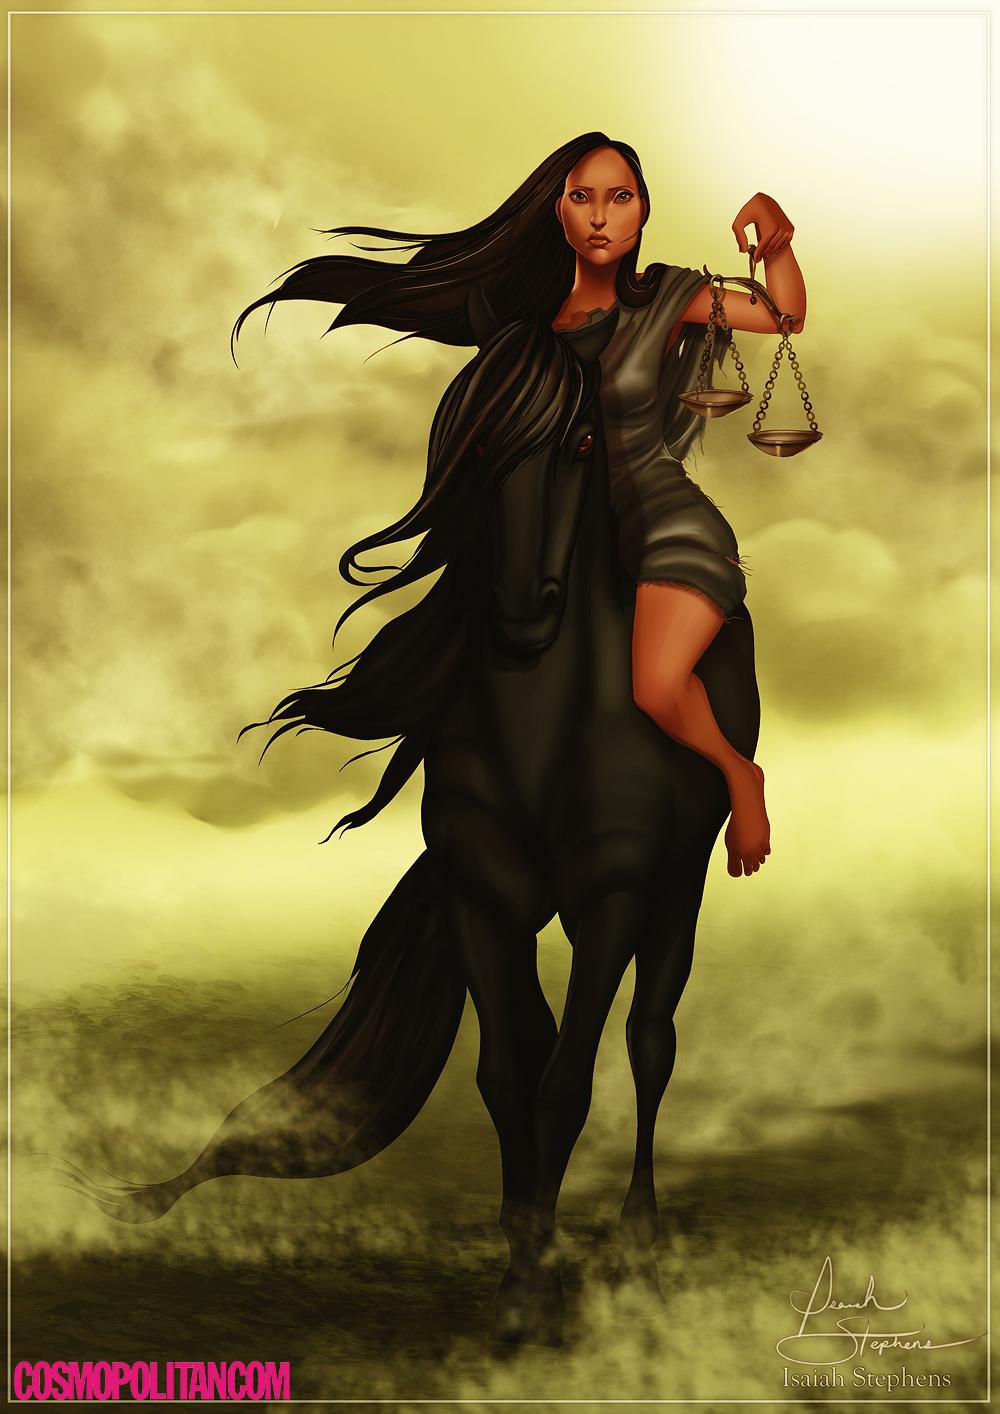 Drawn princess cosmopolitan Princesses  The Horsemen The